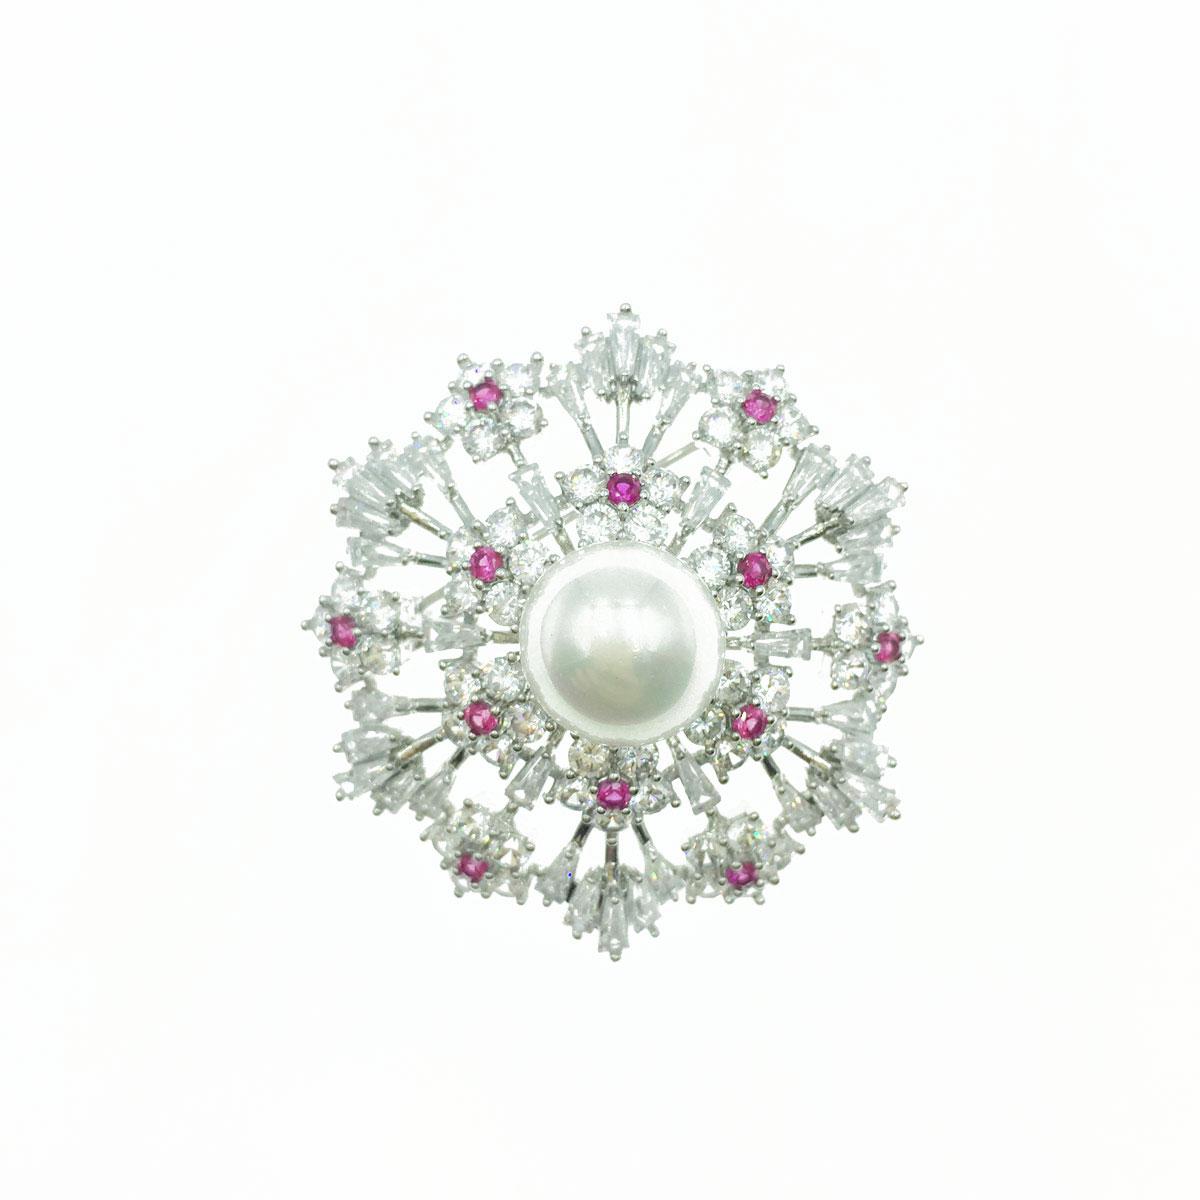 珍珠雪花造型 小梅花 水晶 水鑽 銀色 別針 胸針 採用施華洛世奇水晶元素 Crystals from Swarovski